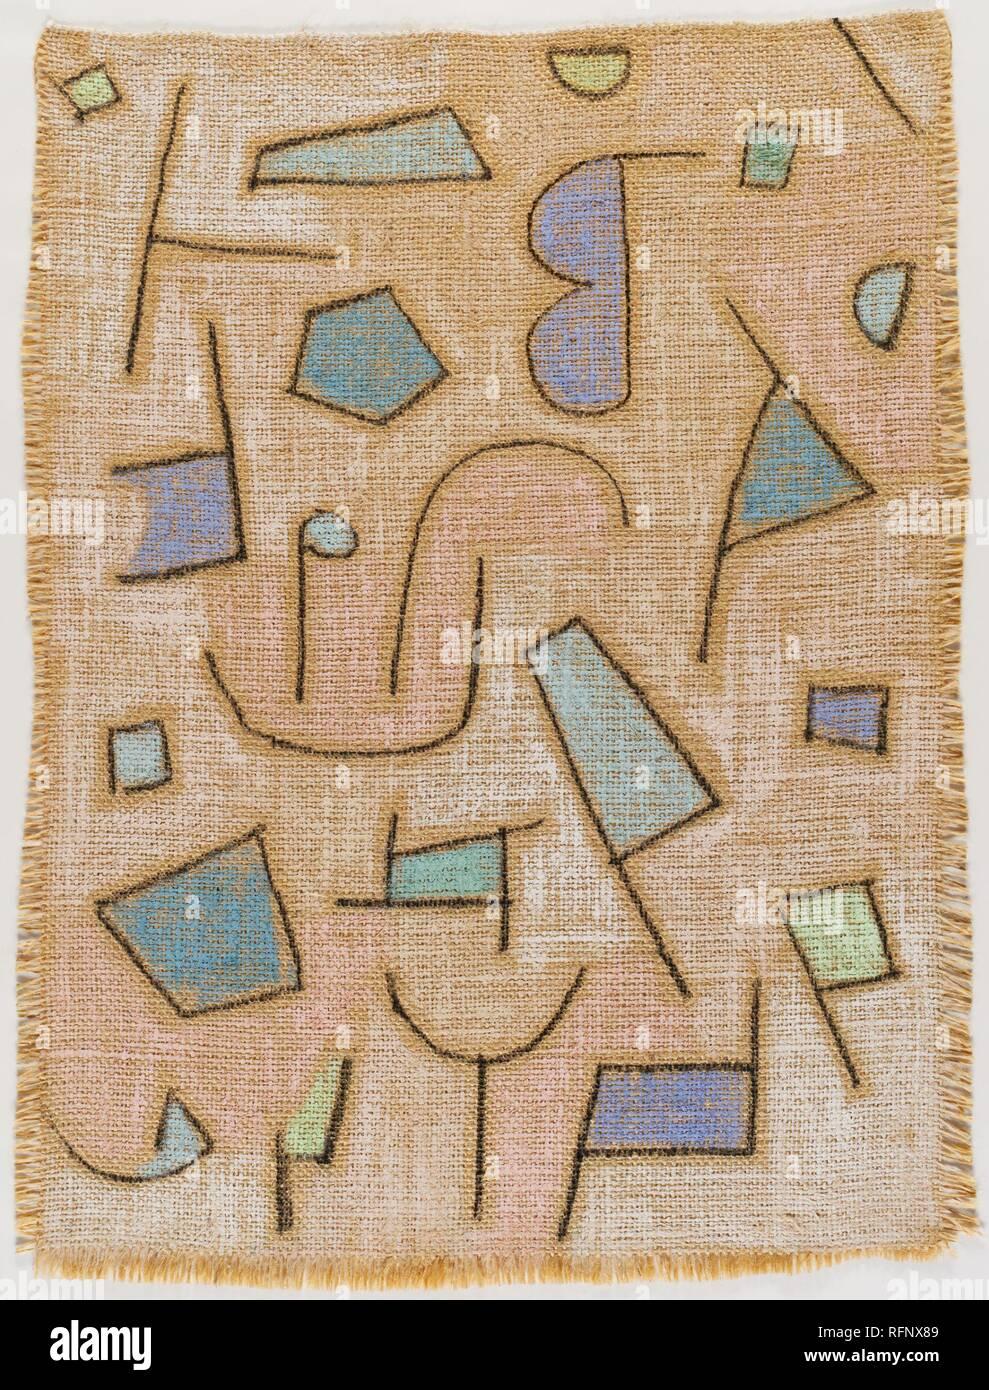 Paul Klee Leicht Trocken Gedichtjpg Rfnx 89 Stockfoto